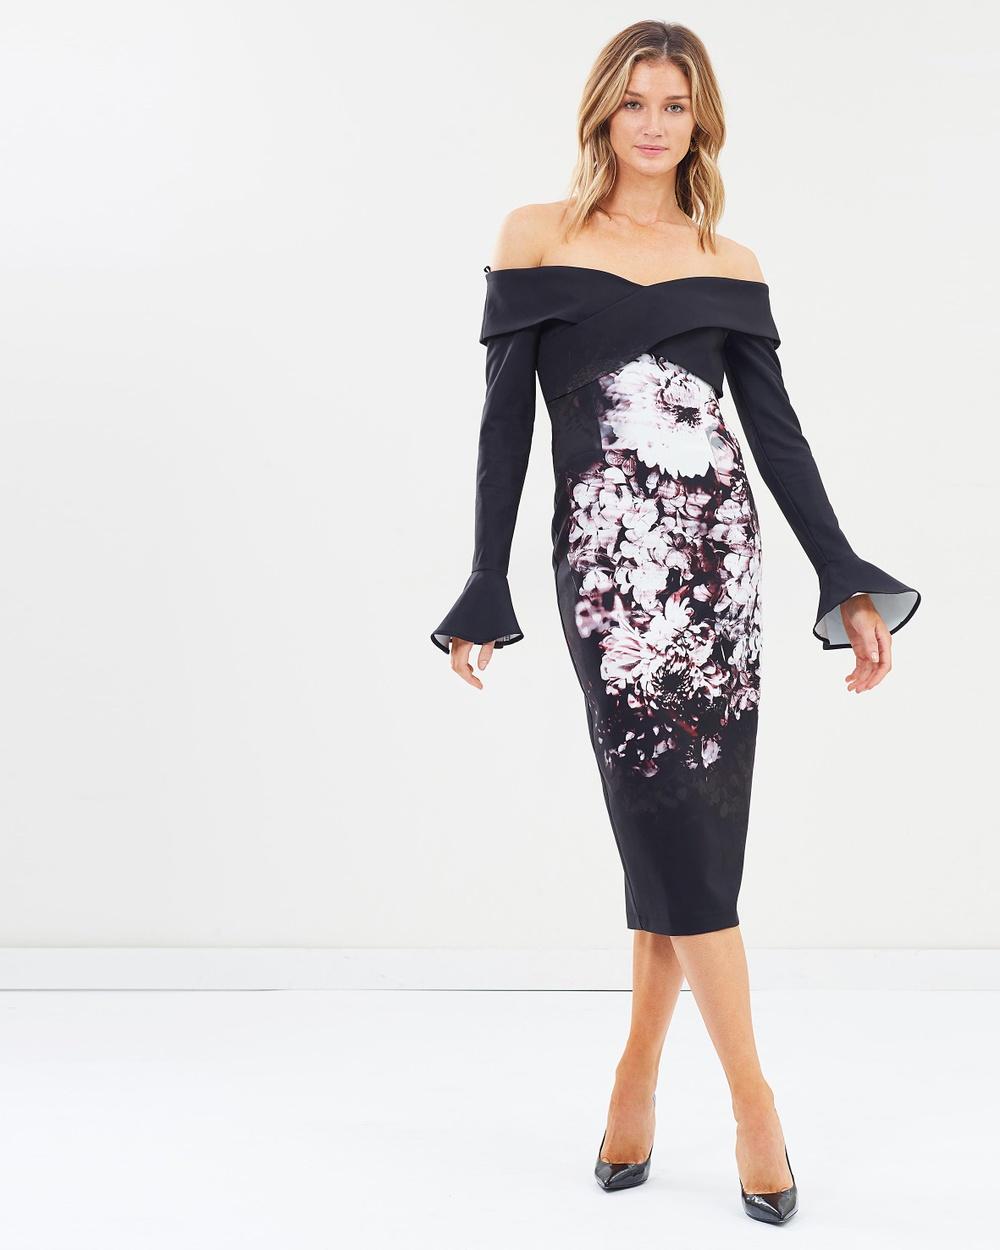 Pasduchas Constance Shoulder Midi Dress Printed Dresses Floral Constance Shoulder Midi Dress